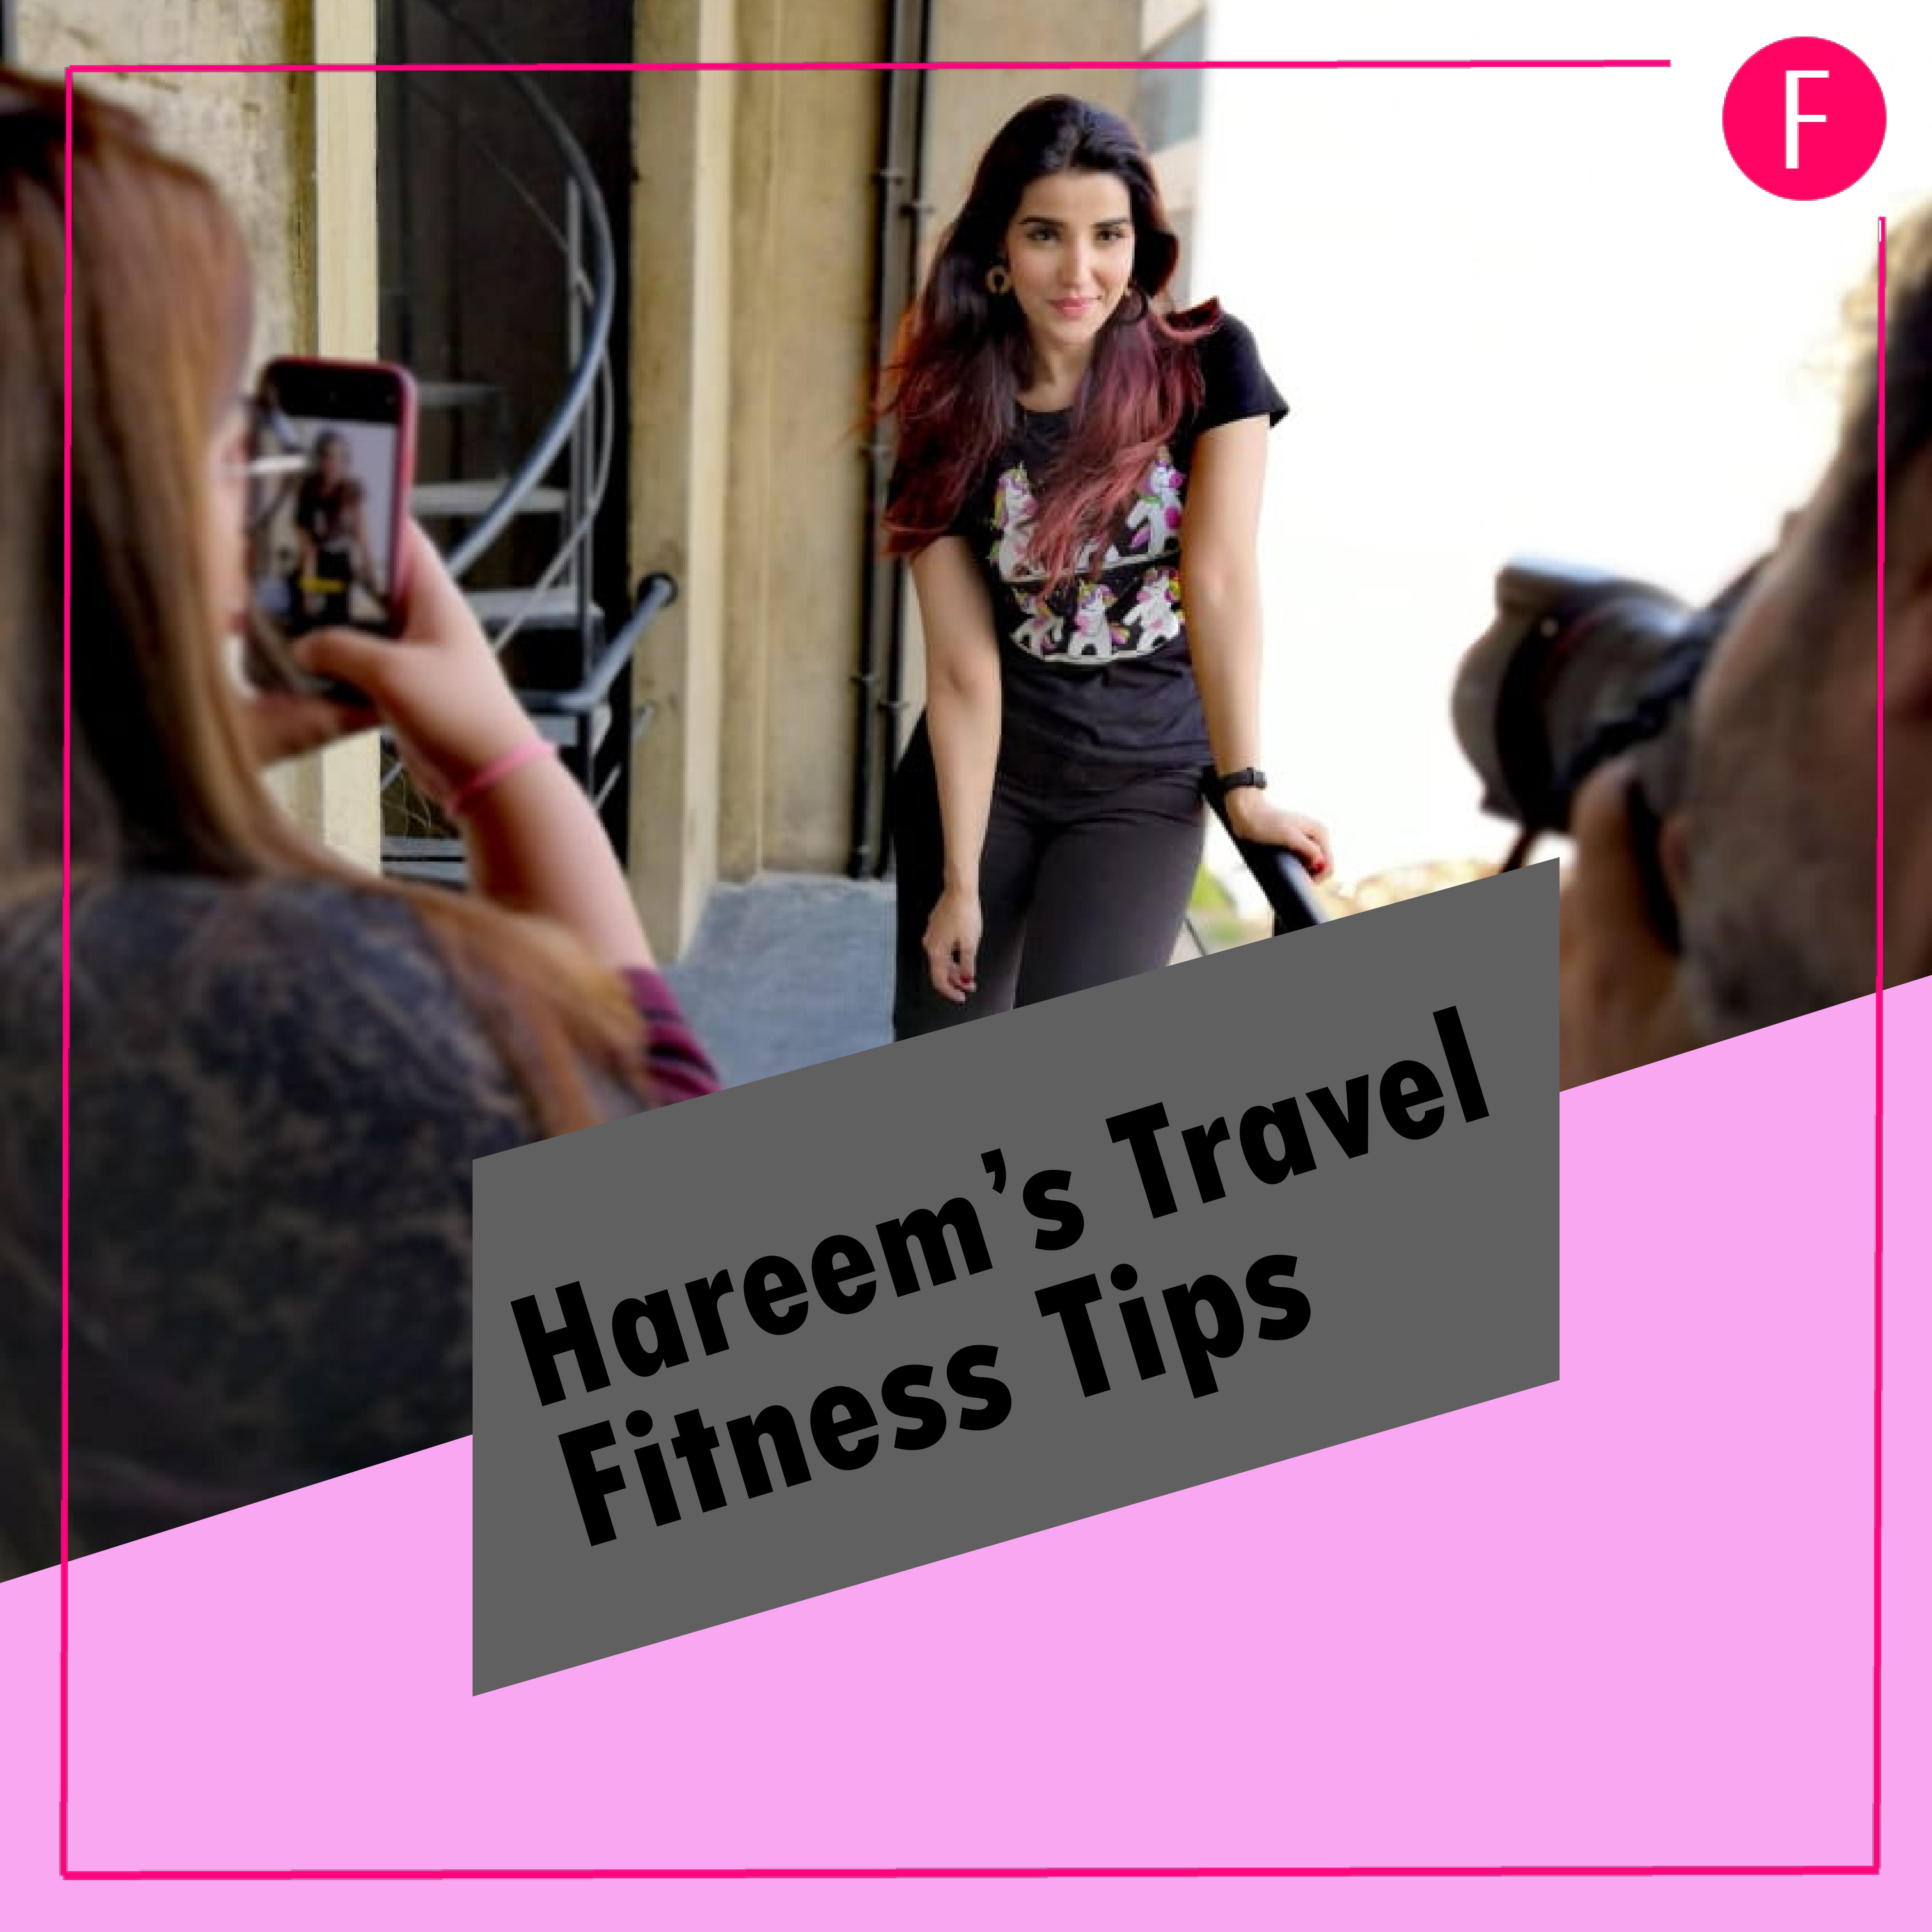 Hareem Farooq weightloss, Hareem farooq Fitness